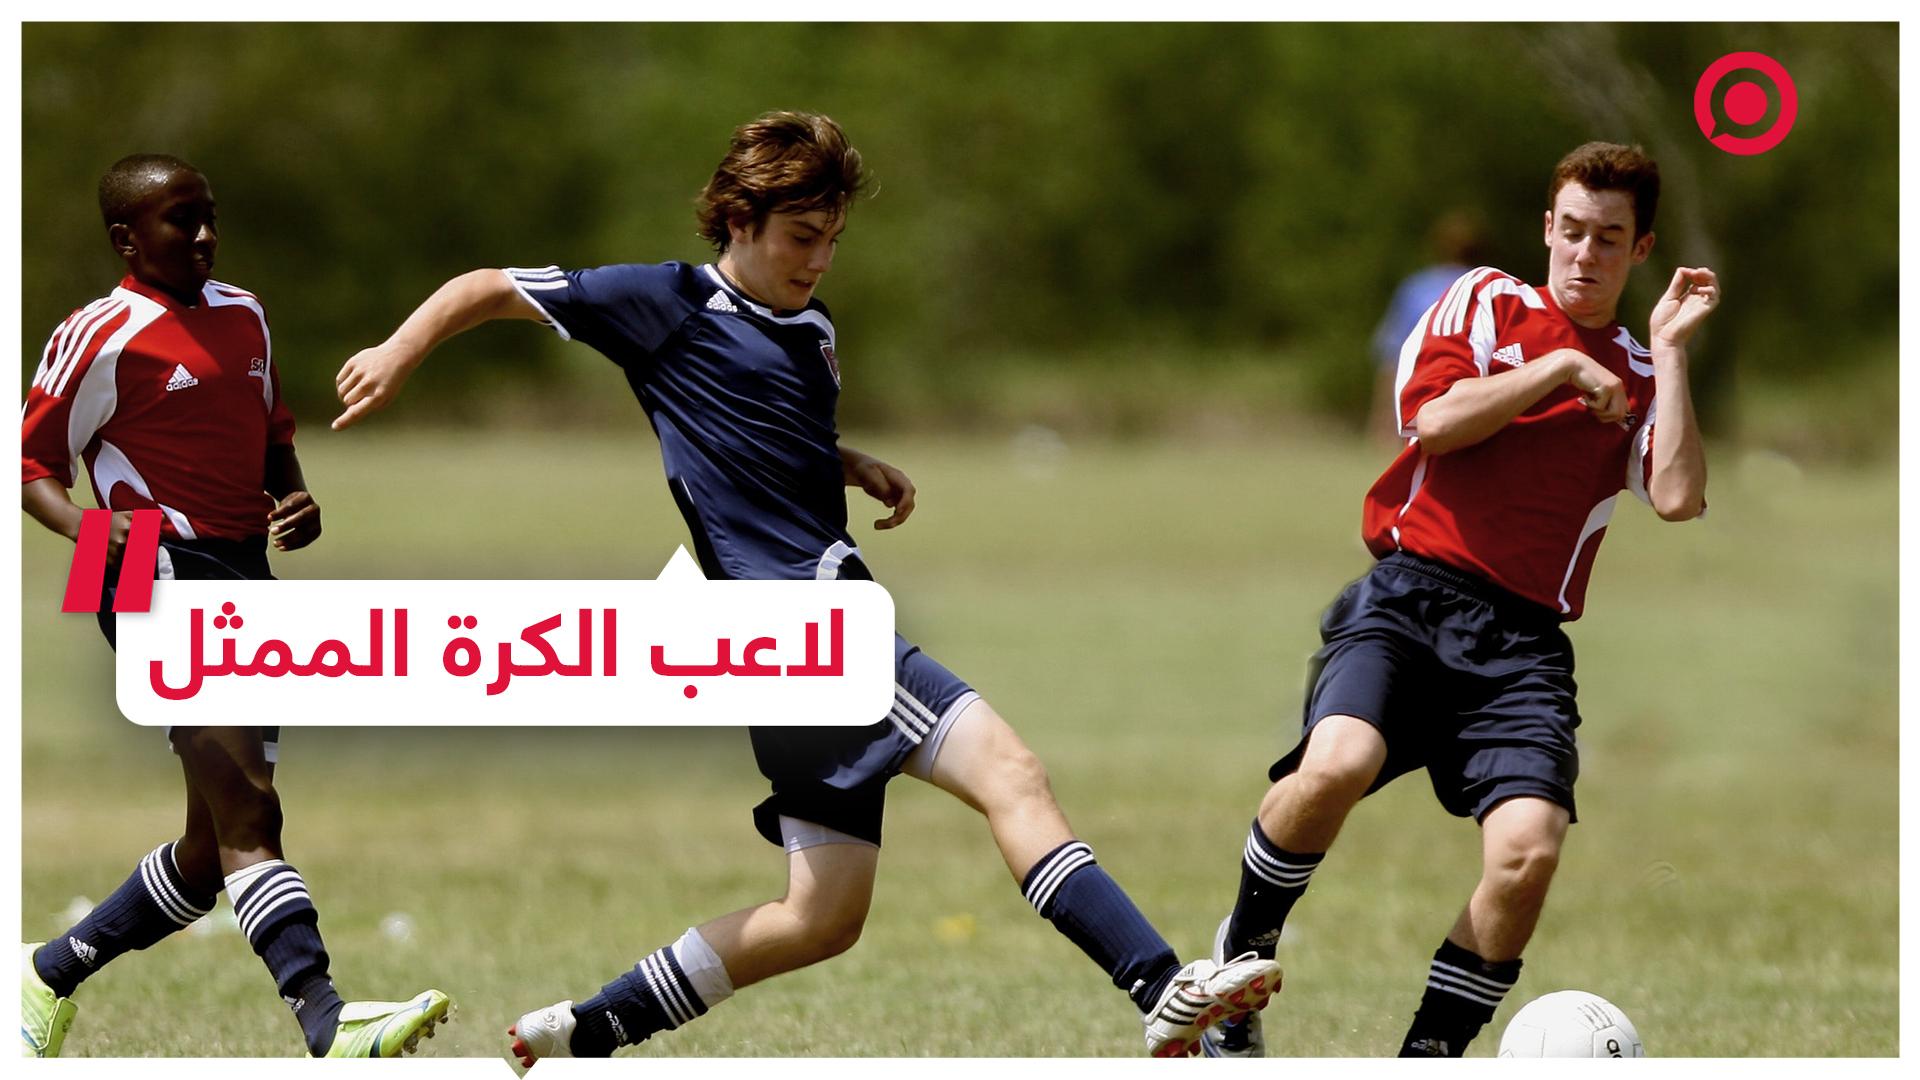 لاعب كرة قدم يتقمص دور ممثل بارع مدعيا تعرضه لاعتداء